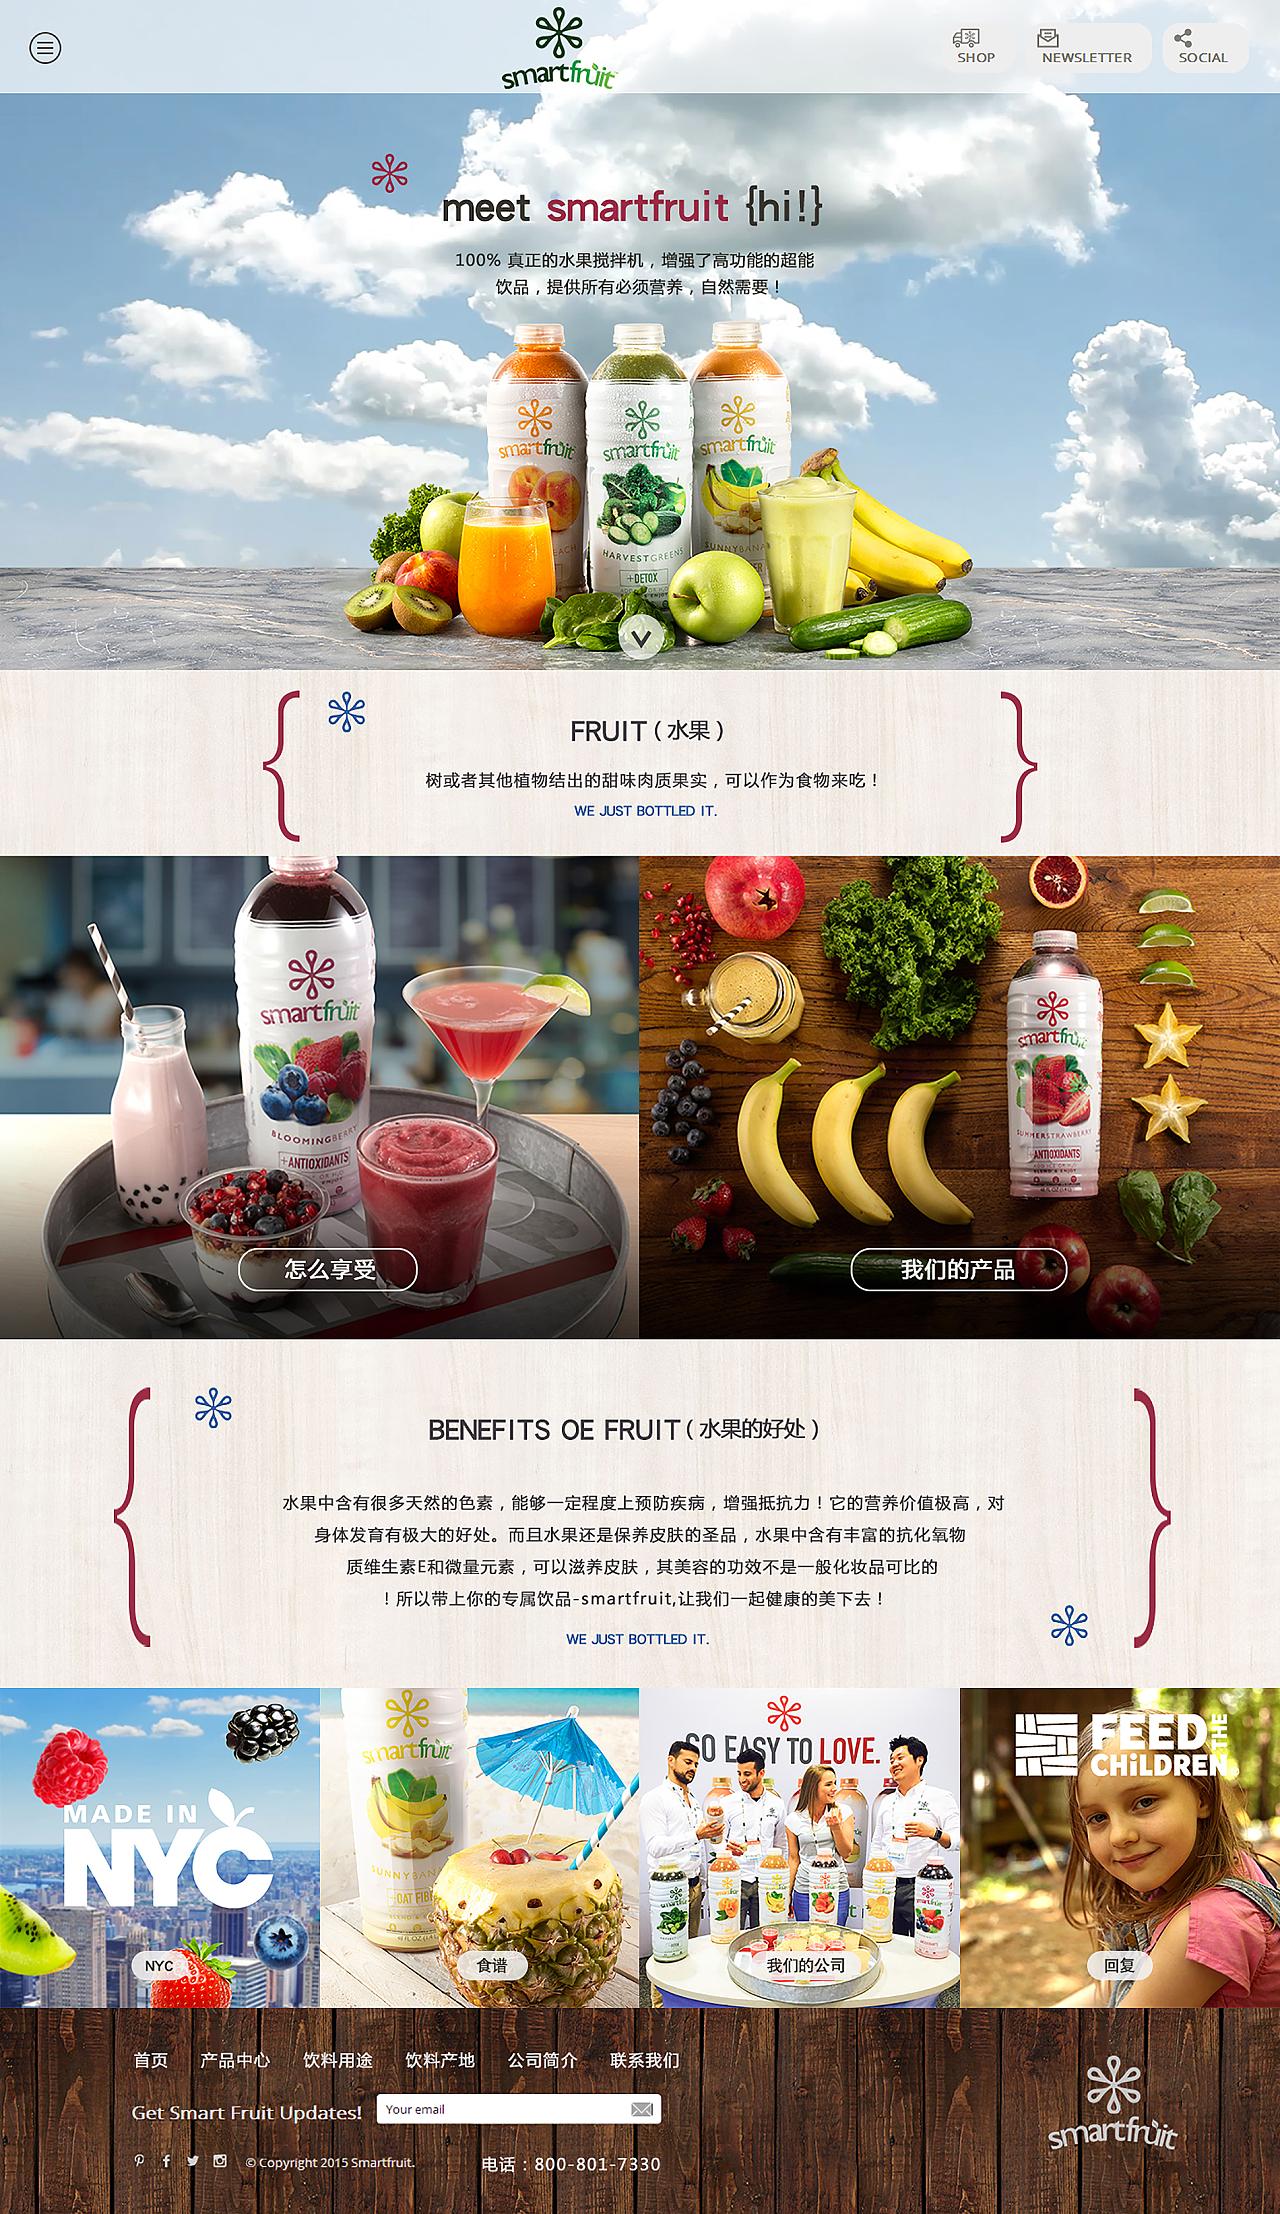 饮品网页排版|网页|企业官网|佐理设计 - 原创作品